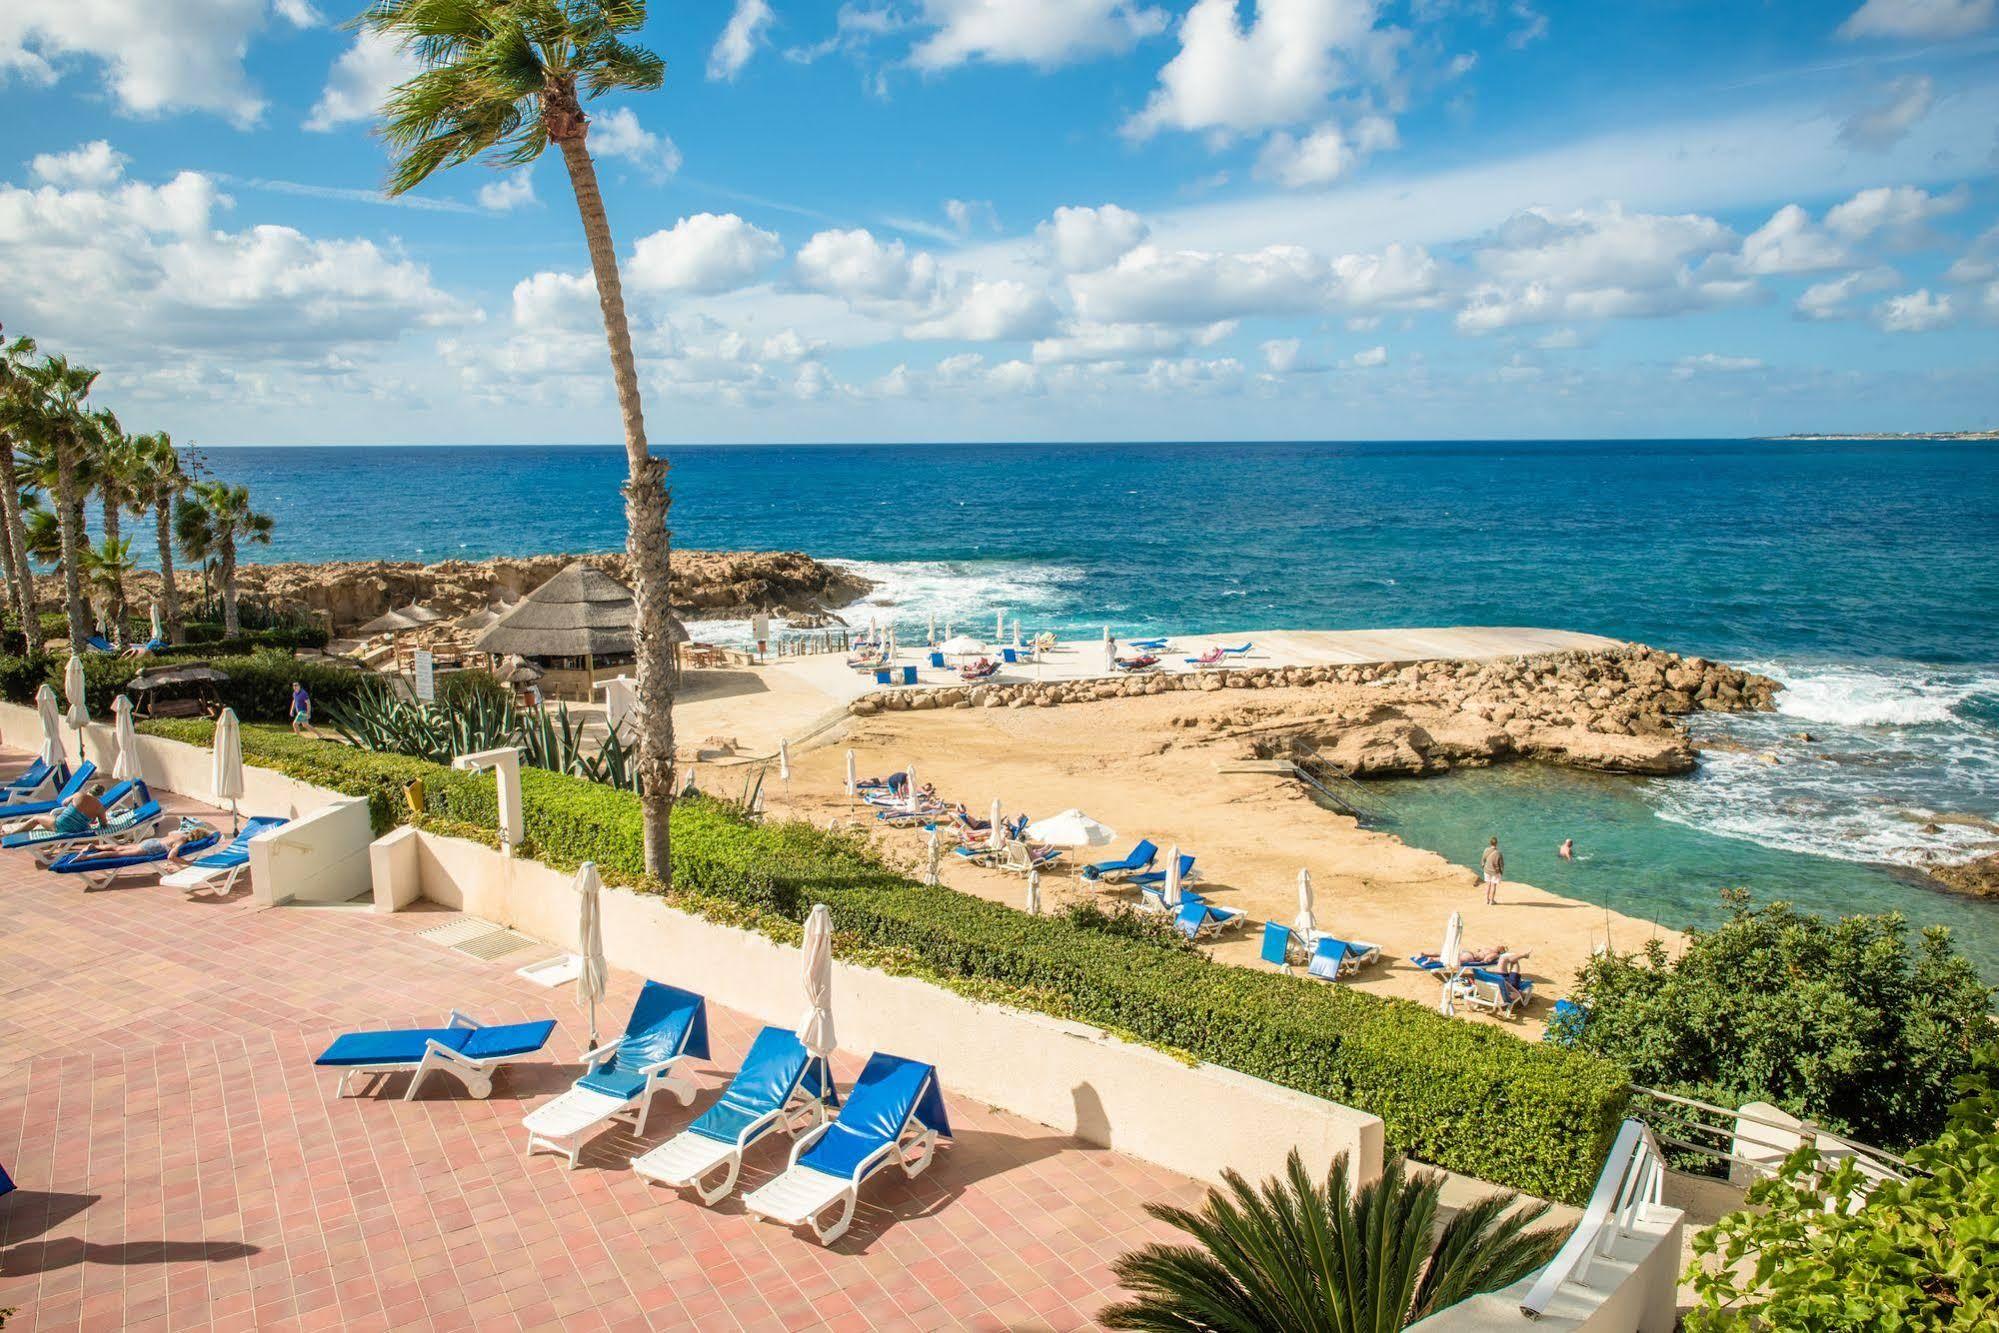 MAJÓWKA 2019 - CYPR: Cynthiana Beach Hotel***, 8 dni (28.04-05.05.2019 r.), dwa posiłki: 2129,00 PLN/os. dorosła